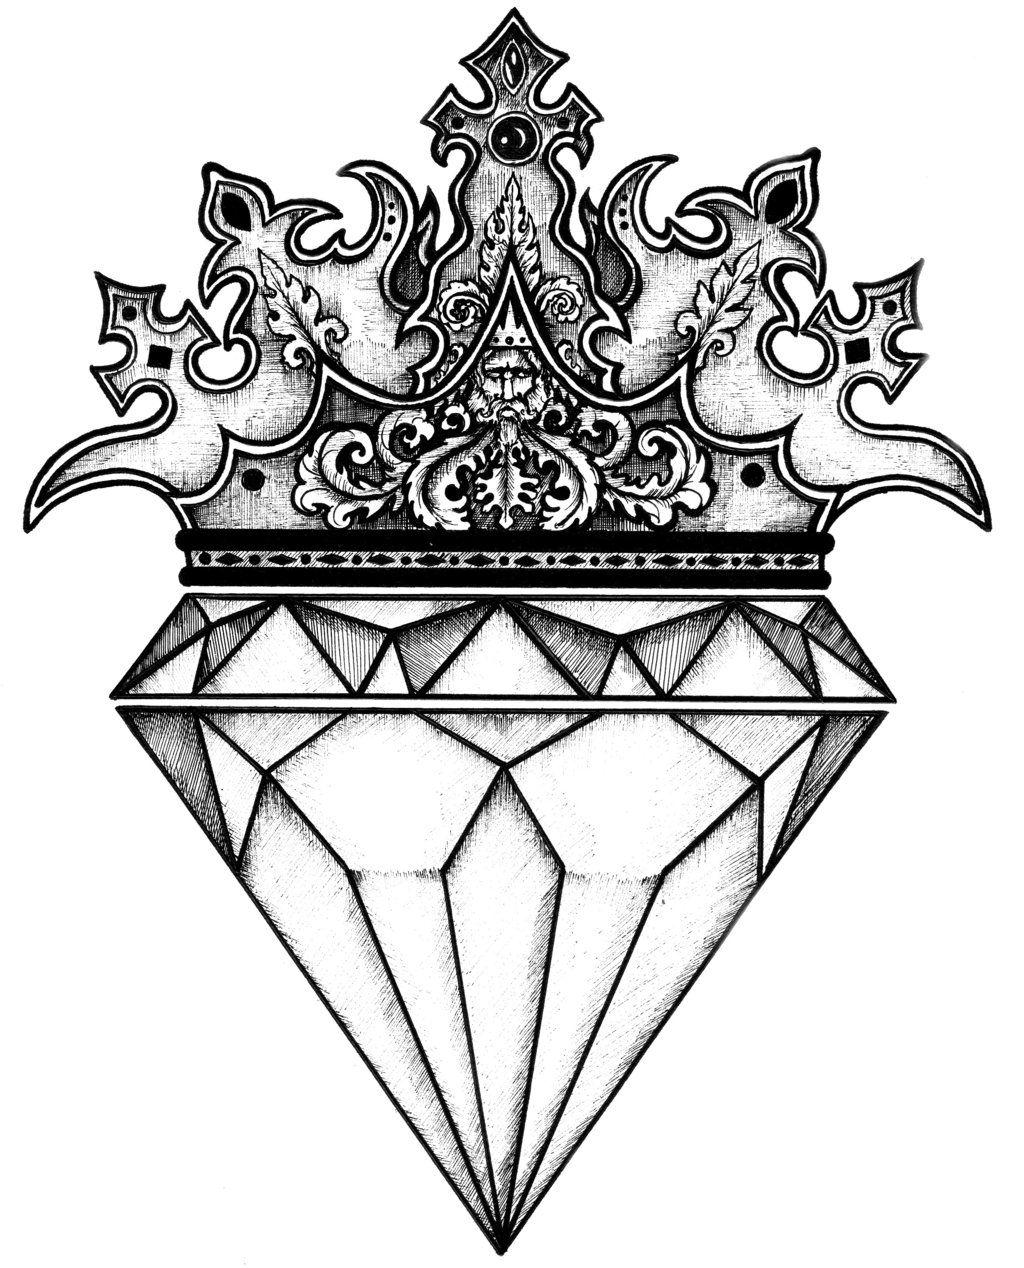 Crowned Dessin Noir Et Blanc Diamant Dessin Photo Dessin